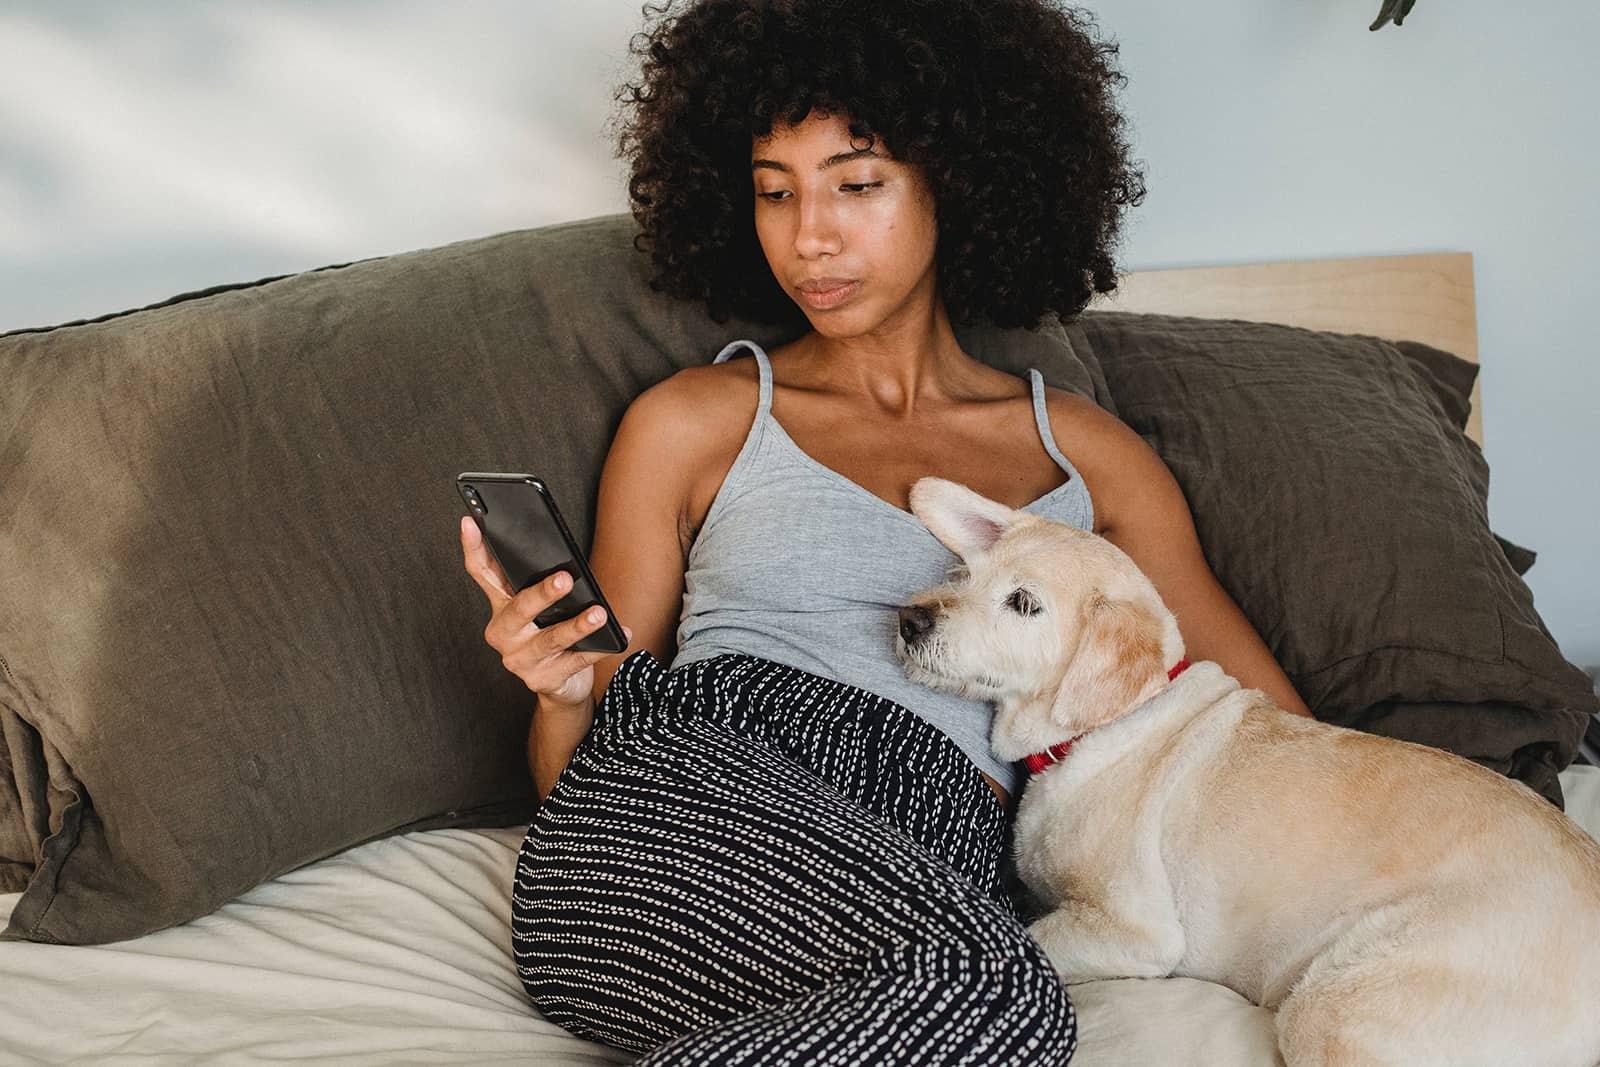 eine verärgerte Frau, die ein Smartphone betrachtet, das mit Hund auf dem Bett liegt